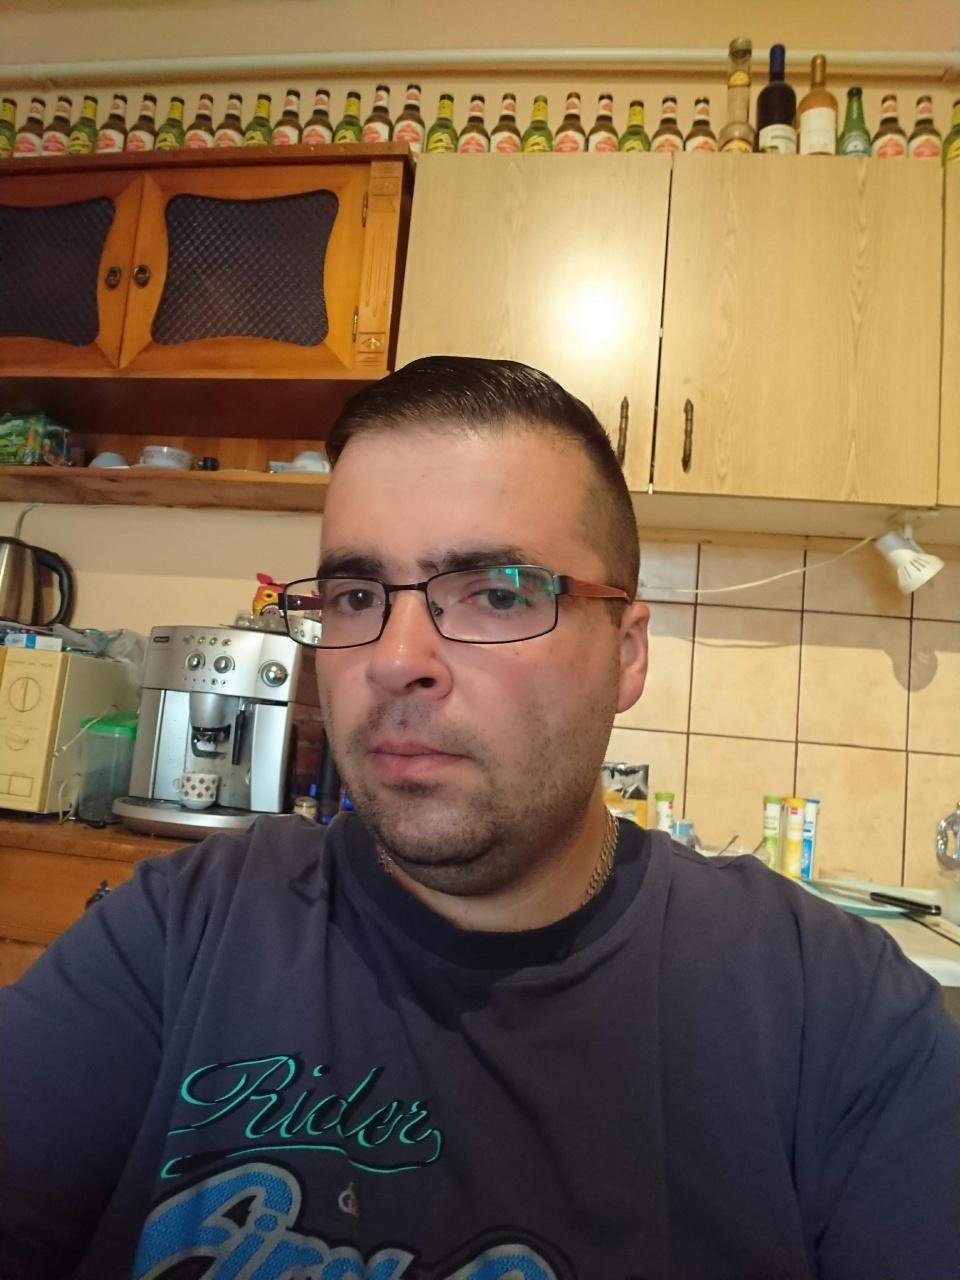 Randi valaki szemüveg